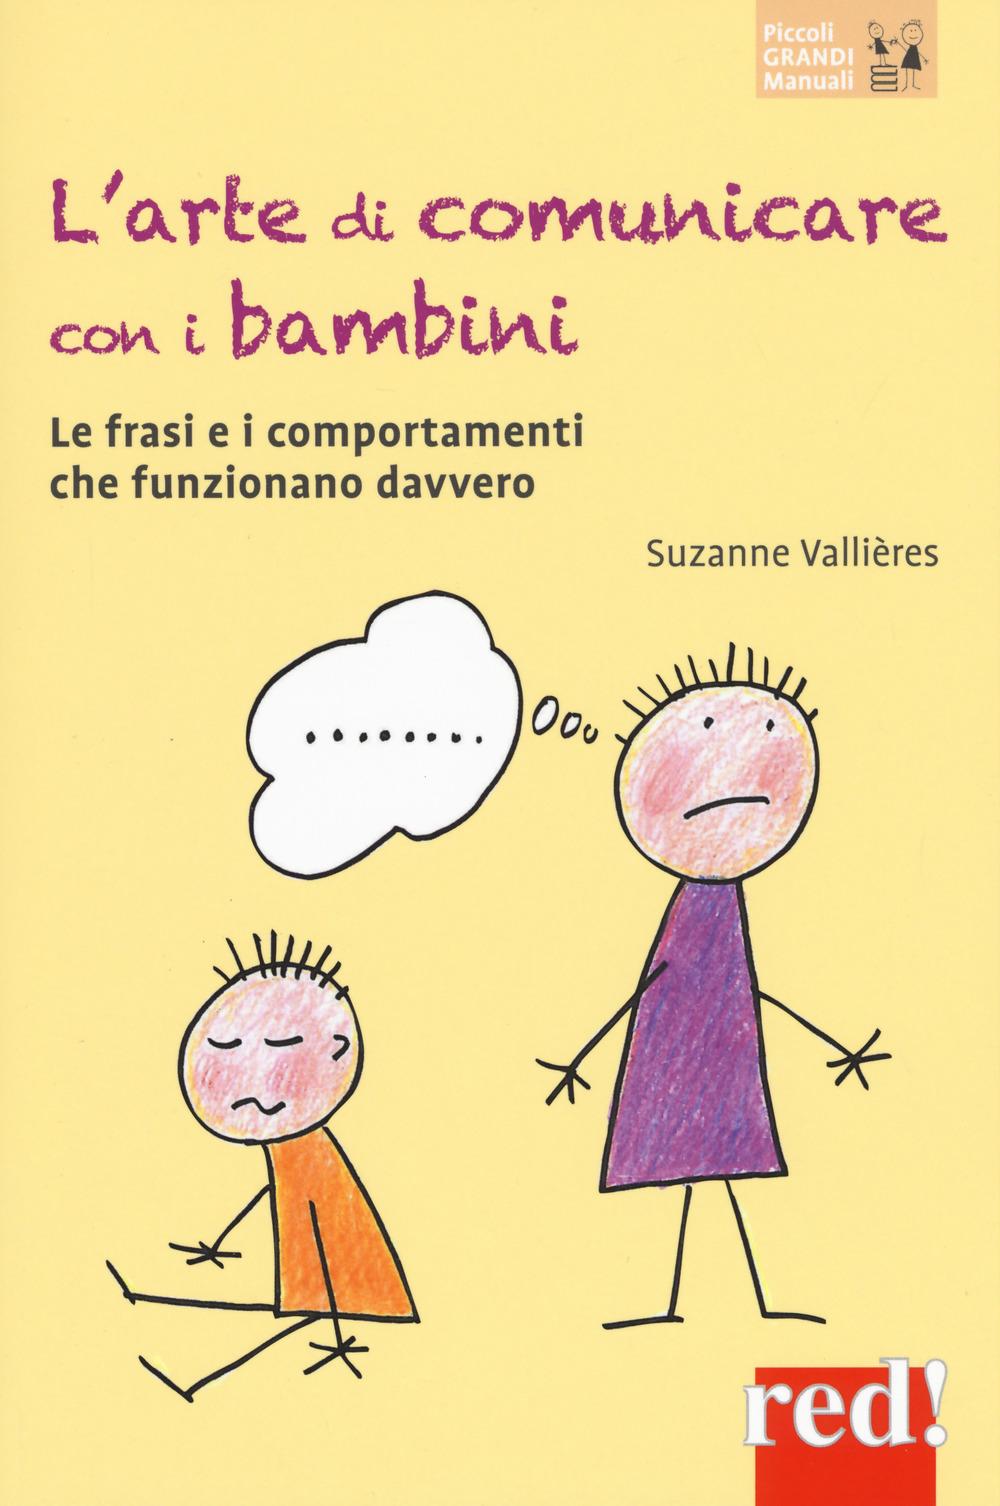 L'arte di comunicare con i bambini. Le frasi e i comportamenti che funzionano davvero. Nuova ediz.